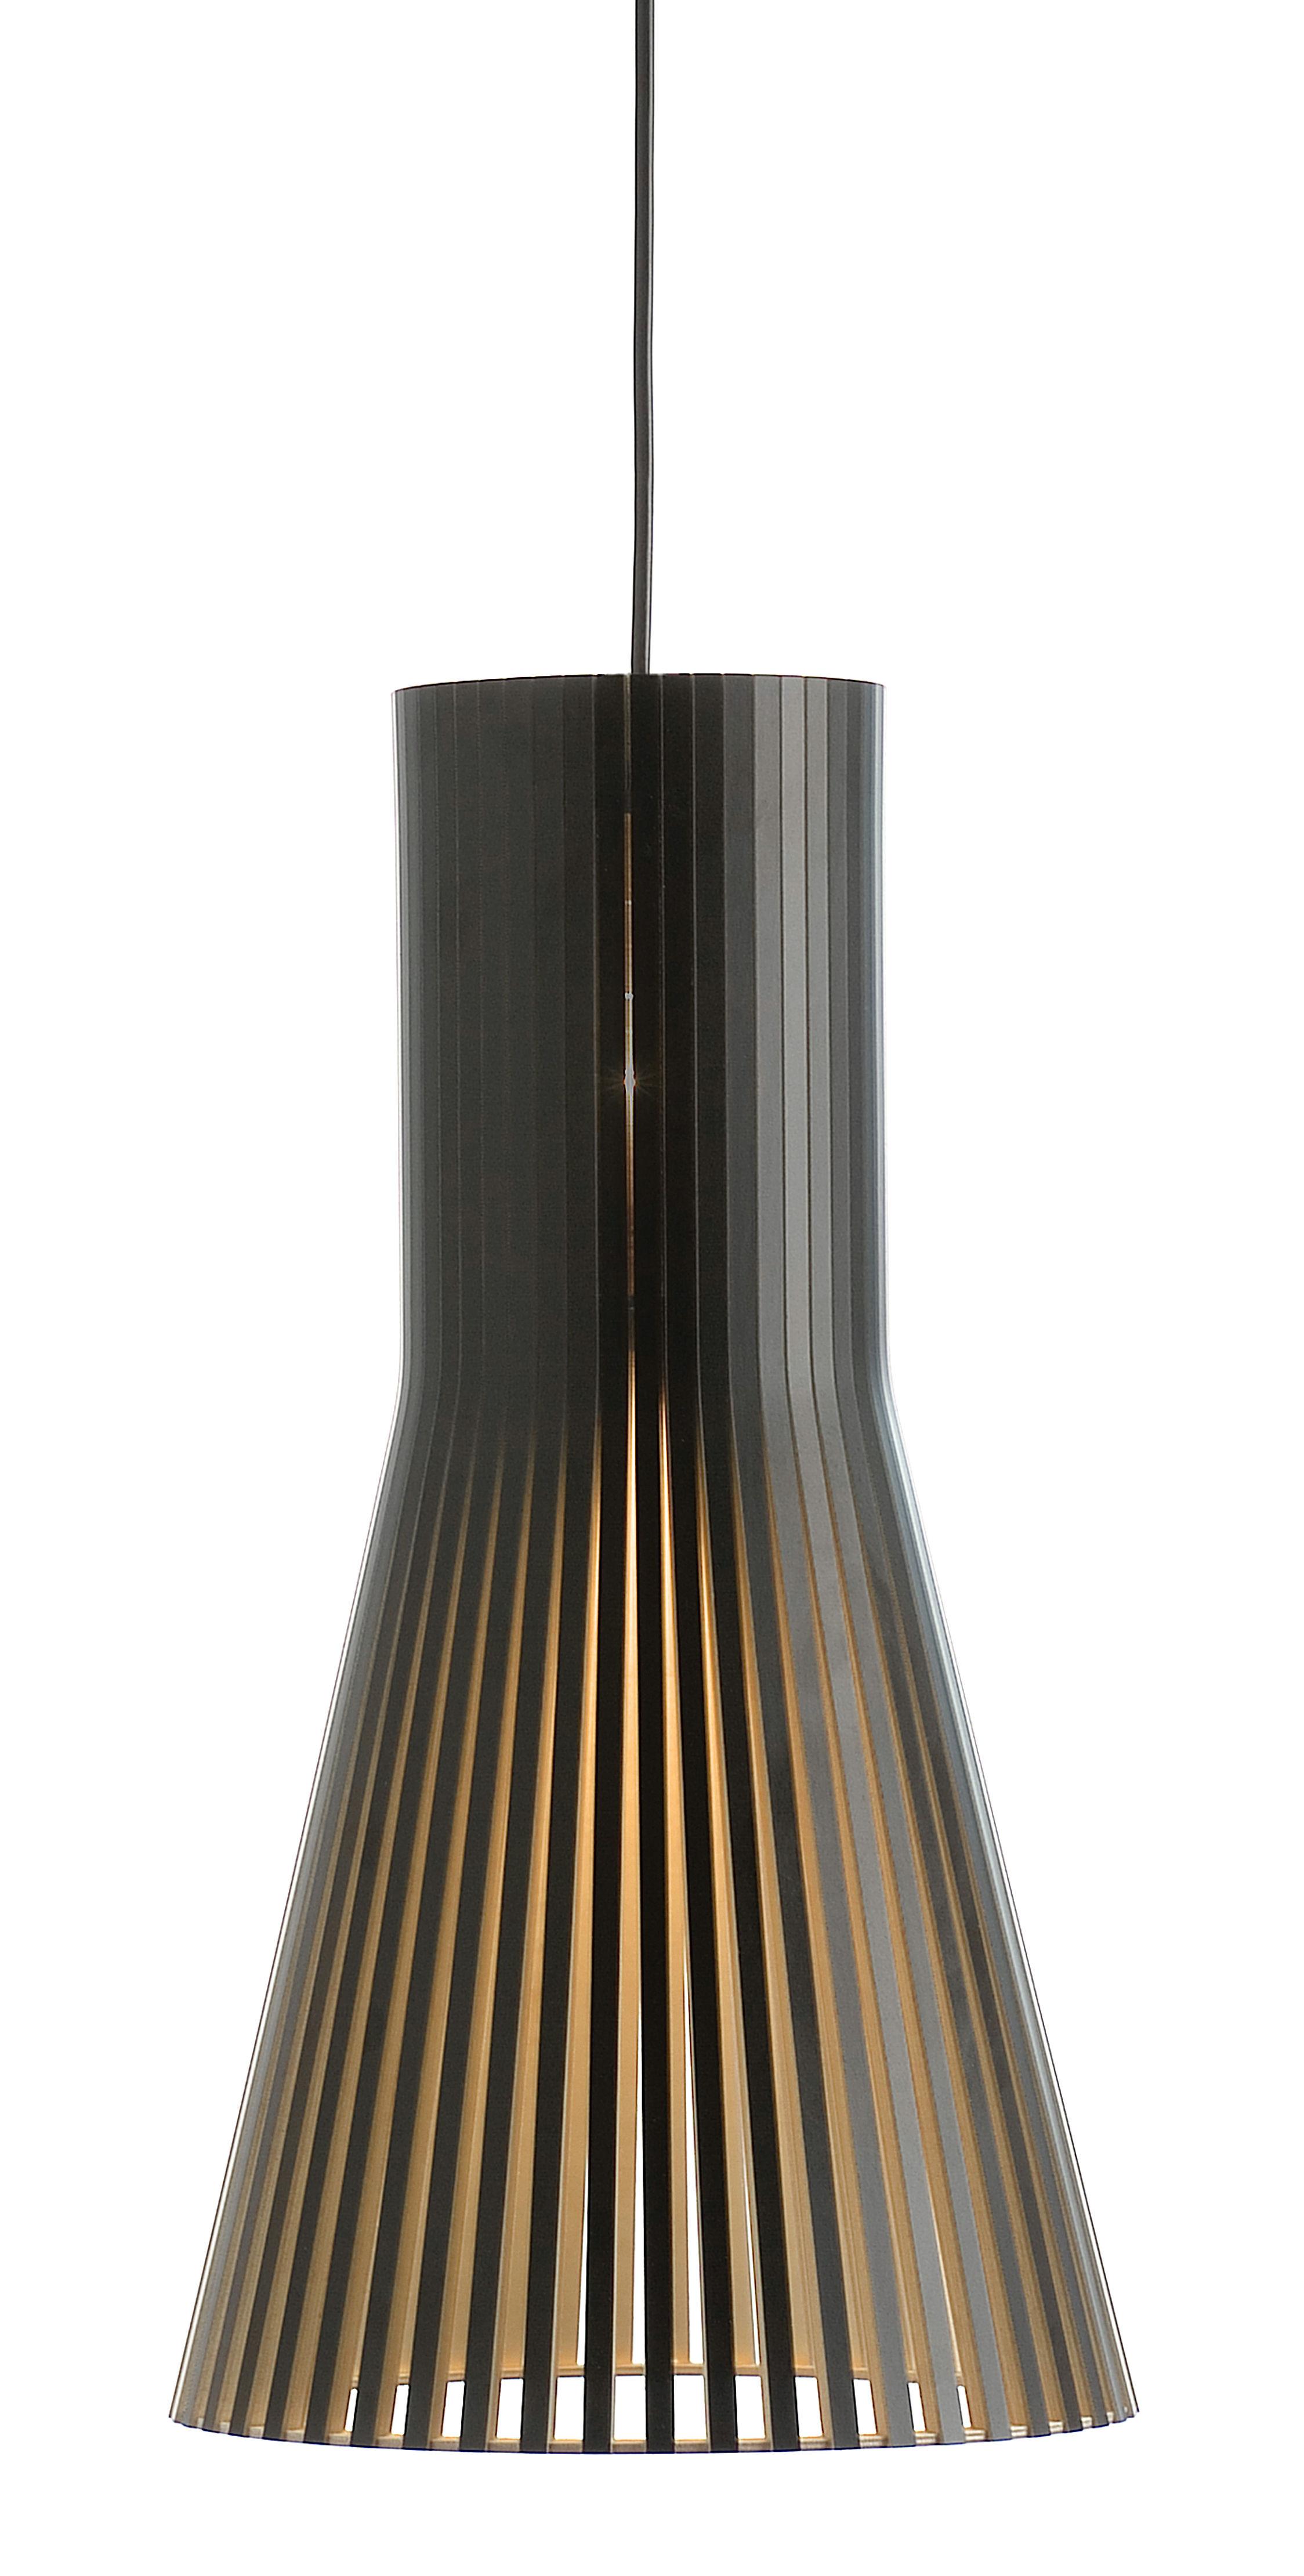 Leuchten - Pendelleuchten - Secto S Pendelleuchte / Ø 25 cm - Secto Design - schwarz / Kabel schwarz - Birkenlaminat, Textil